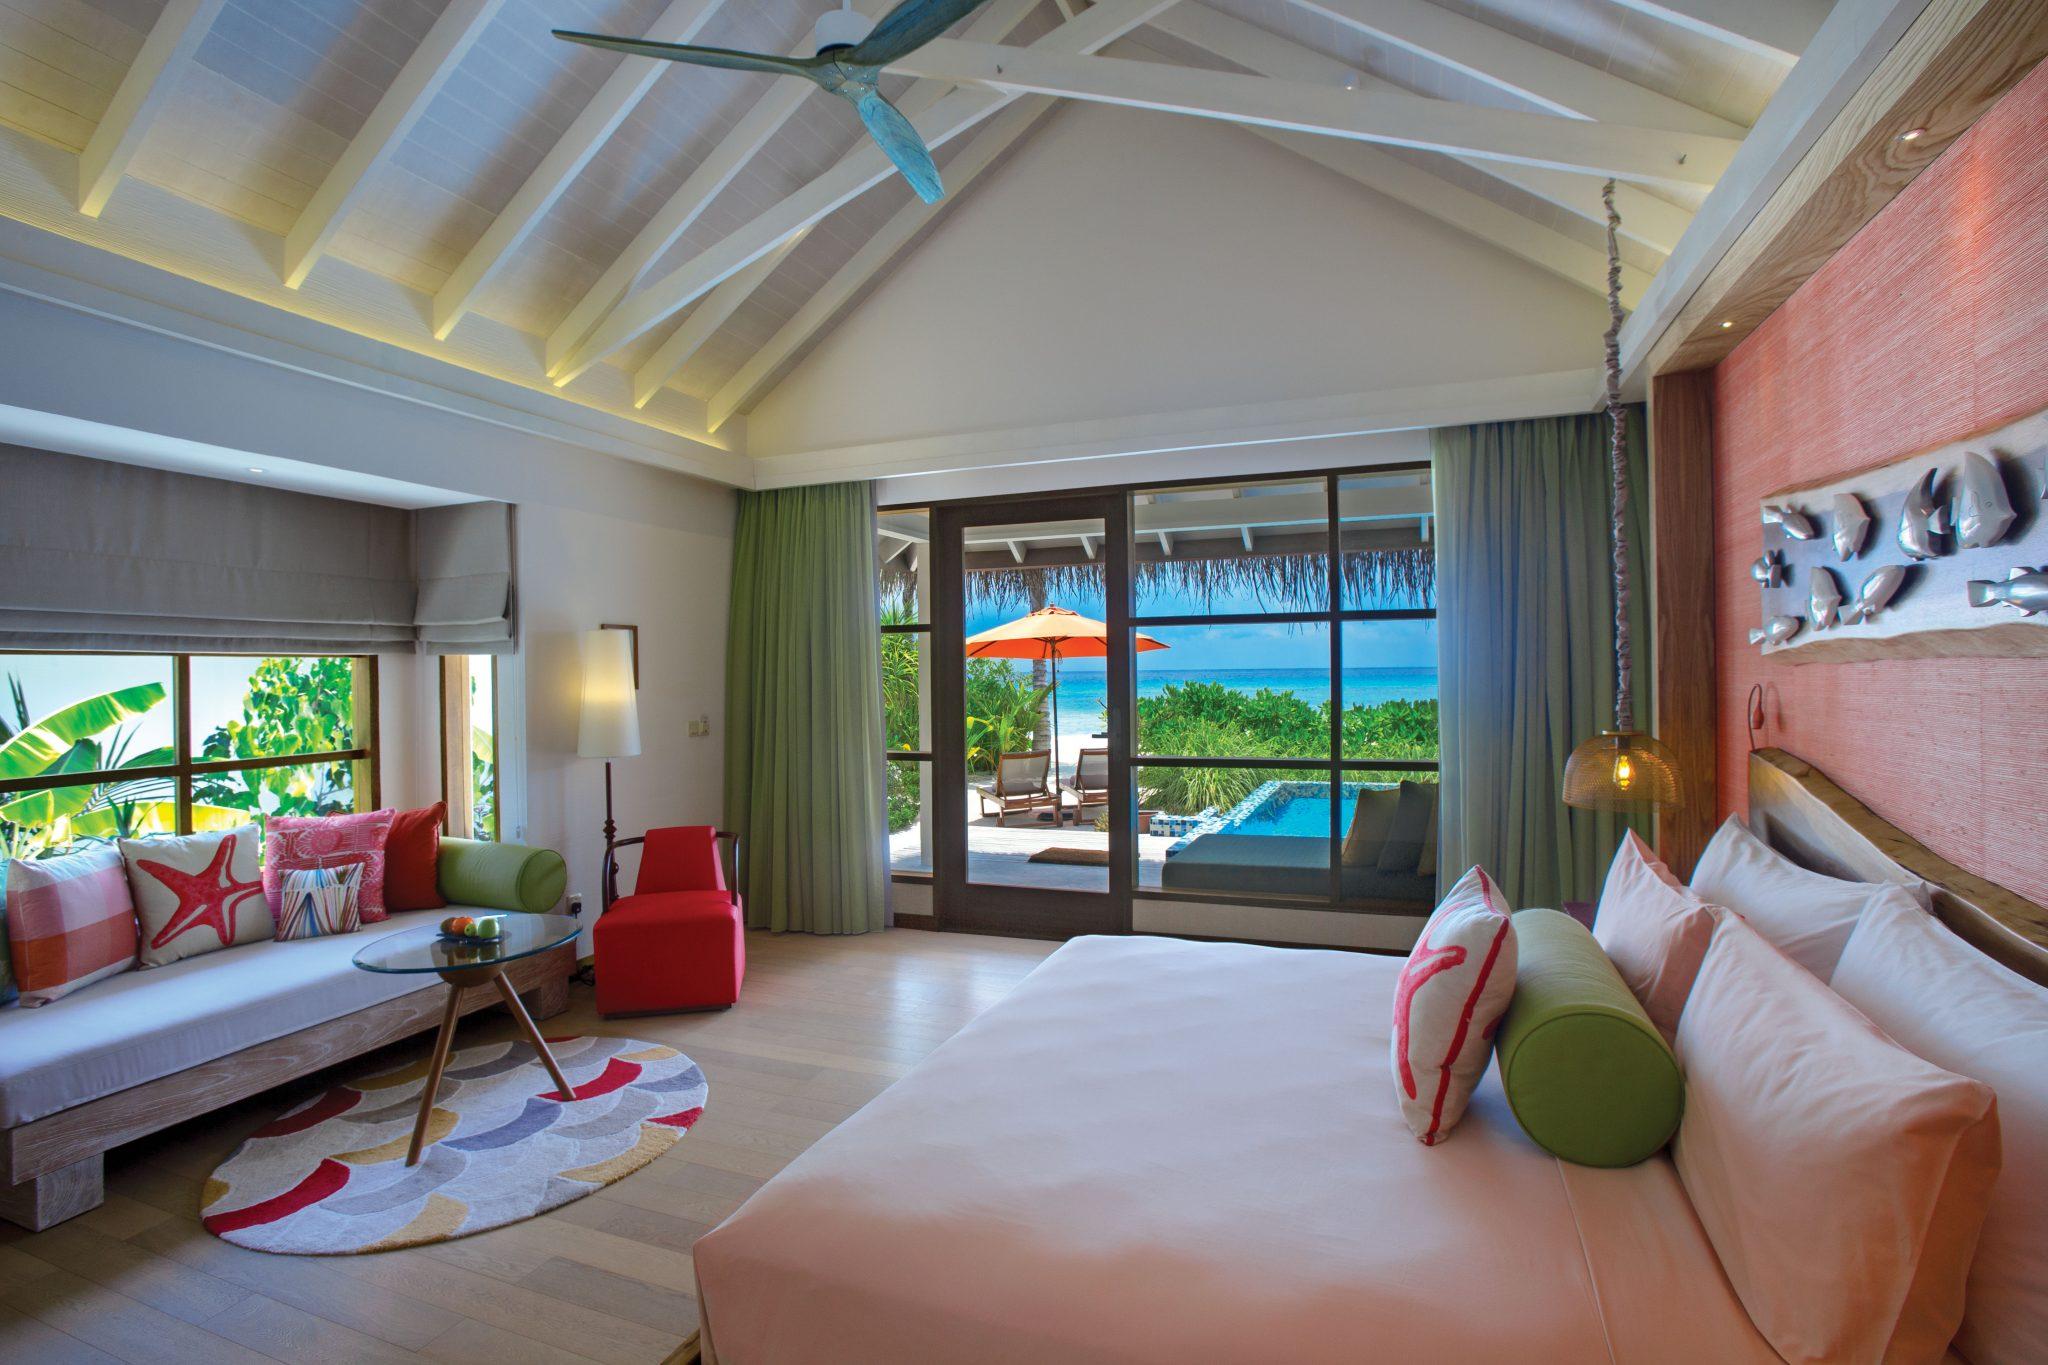 فنادق ومنتجعات أتموسفير المالديف